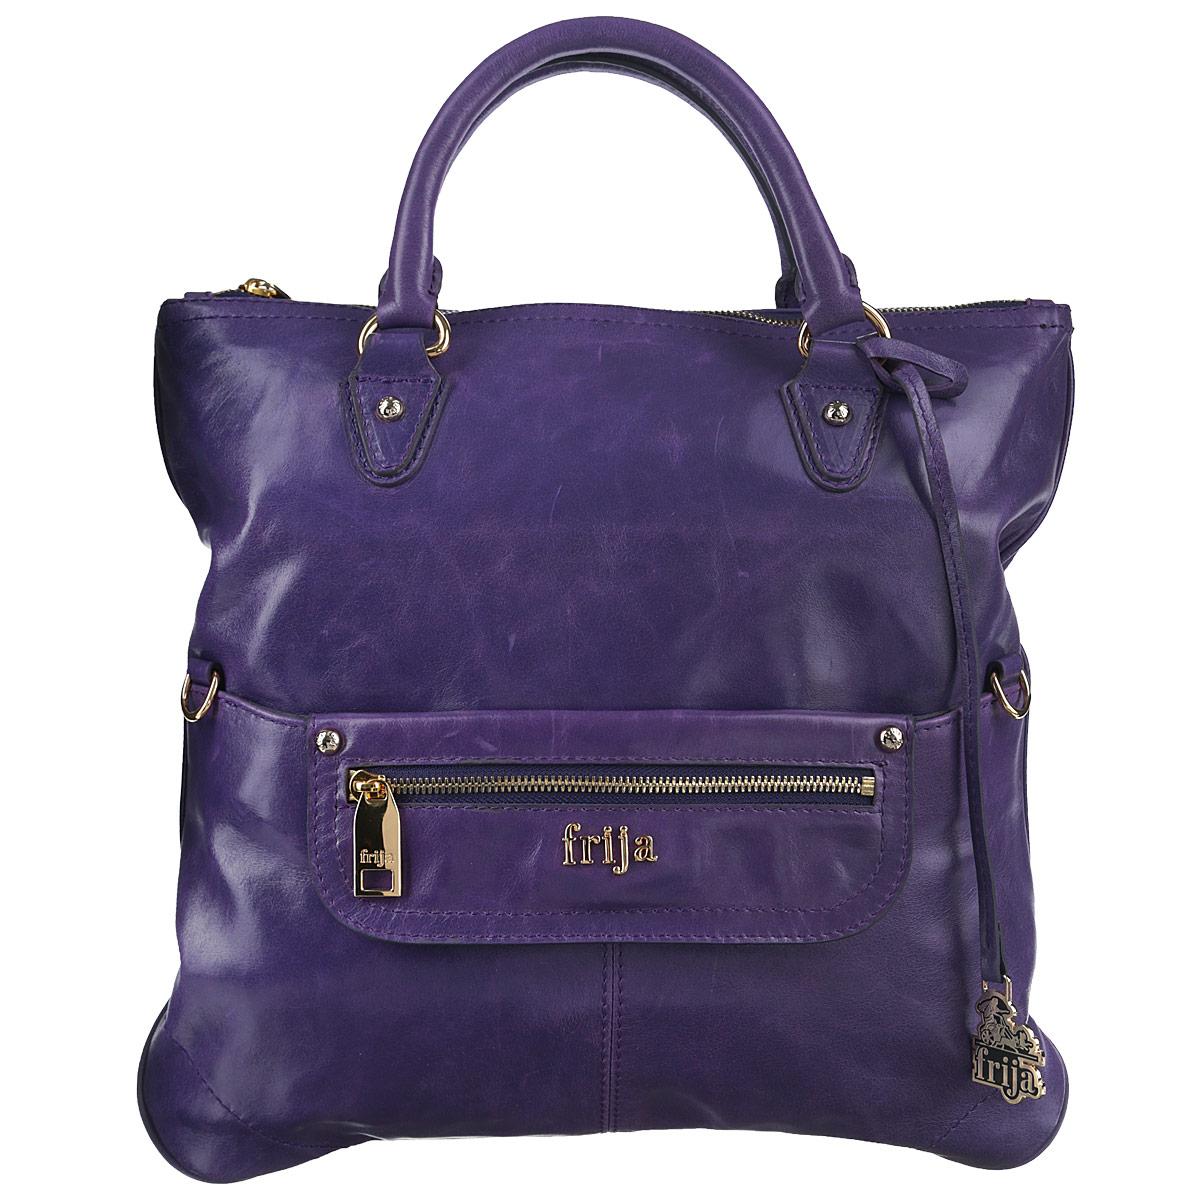 Сумка женская Frija, цвет: фиолетовый. 21-0120-1323008Стильная женская сумка Frija выполнена из натуральной кожи в классическом стиле. Внутри сумки одно основное отделение и один внутренний карман на молнии. Снаружи сумка закрывается на молнию. На передней стенке два кармана, один из них закрывается на магнитную кнопку, другой на молнию. На задней стенке хлястик с кнопкой для фиксации ручек, поэтому сумку можно носить как клатч. Высота ручек 9 см. Длина съемного плечевого ремня 130 см.В комплекте чехол для хранения.Роскошная сумка внесёт элегантные нотки в ваш образ и подчеркнёт ваше отменное чувство стиля.